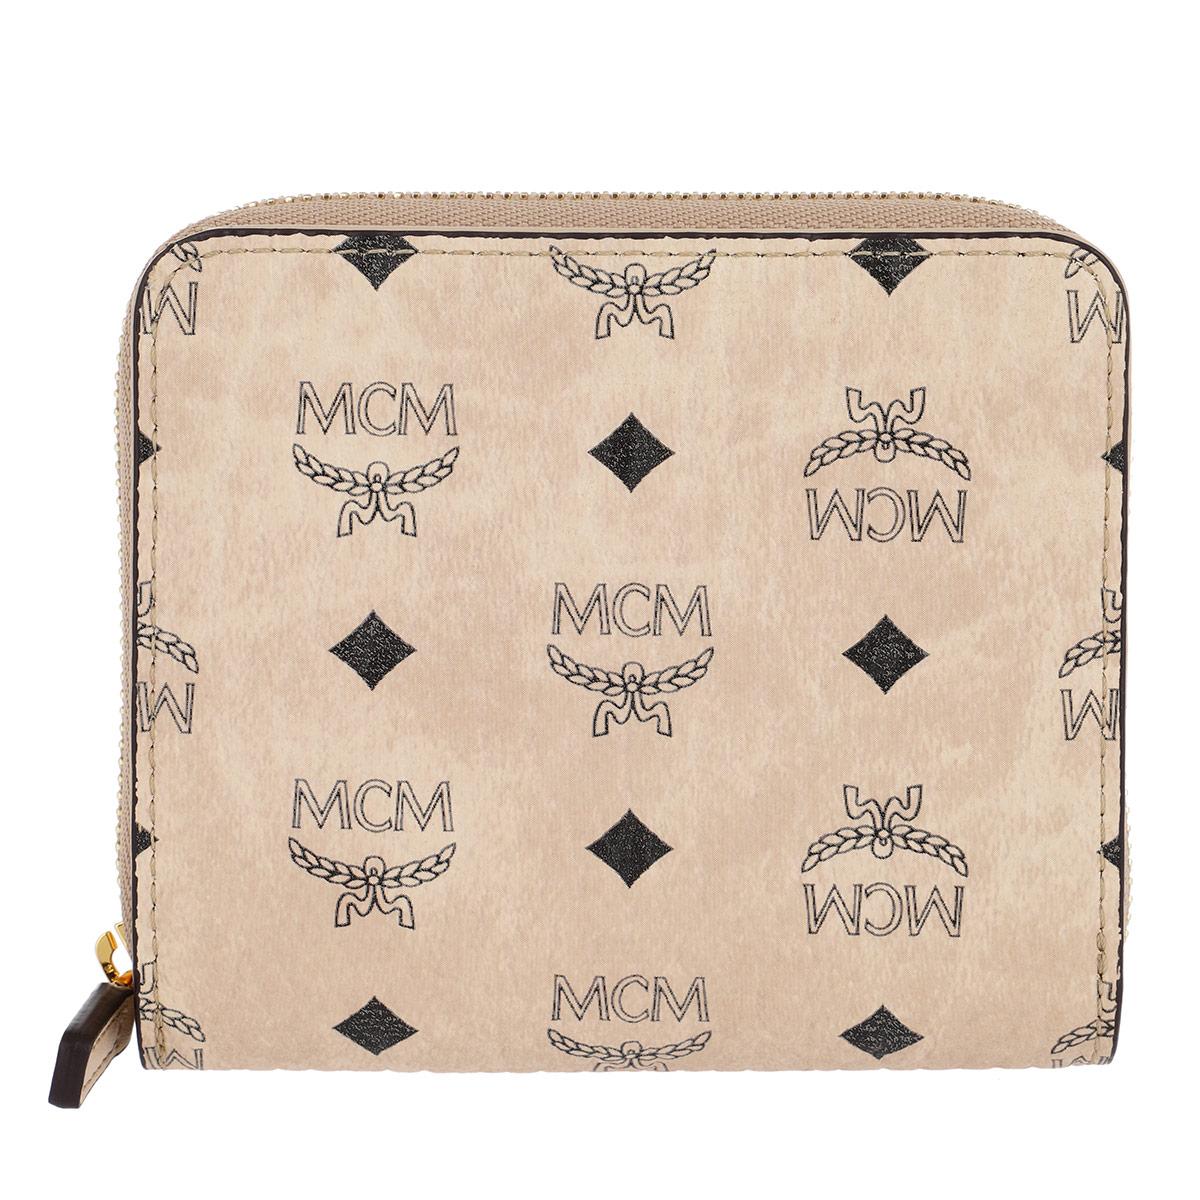 MCM Portemonnaie - Visetos Original Zip Wallet Mini Beige - in beige - für Damen